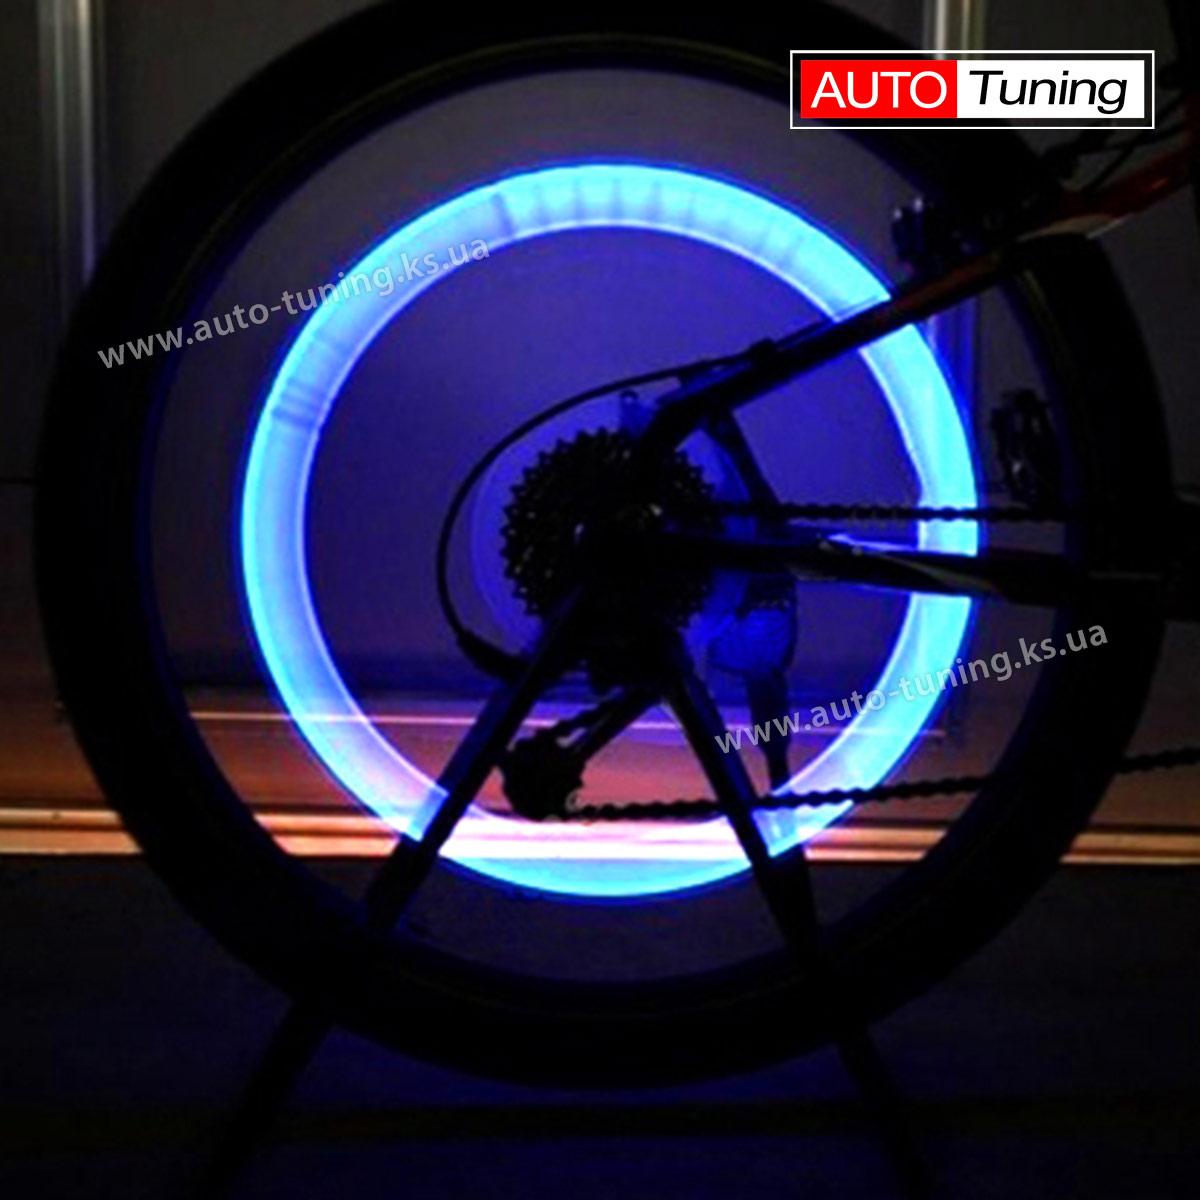 Светодиодный LED колпачок на ниппеле велосипедного колеса в работе, Blue, LB-15